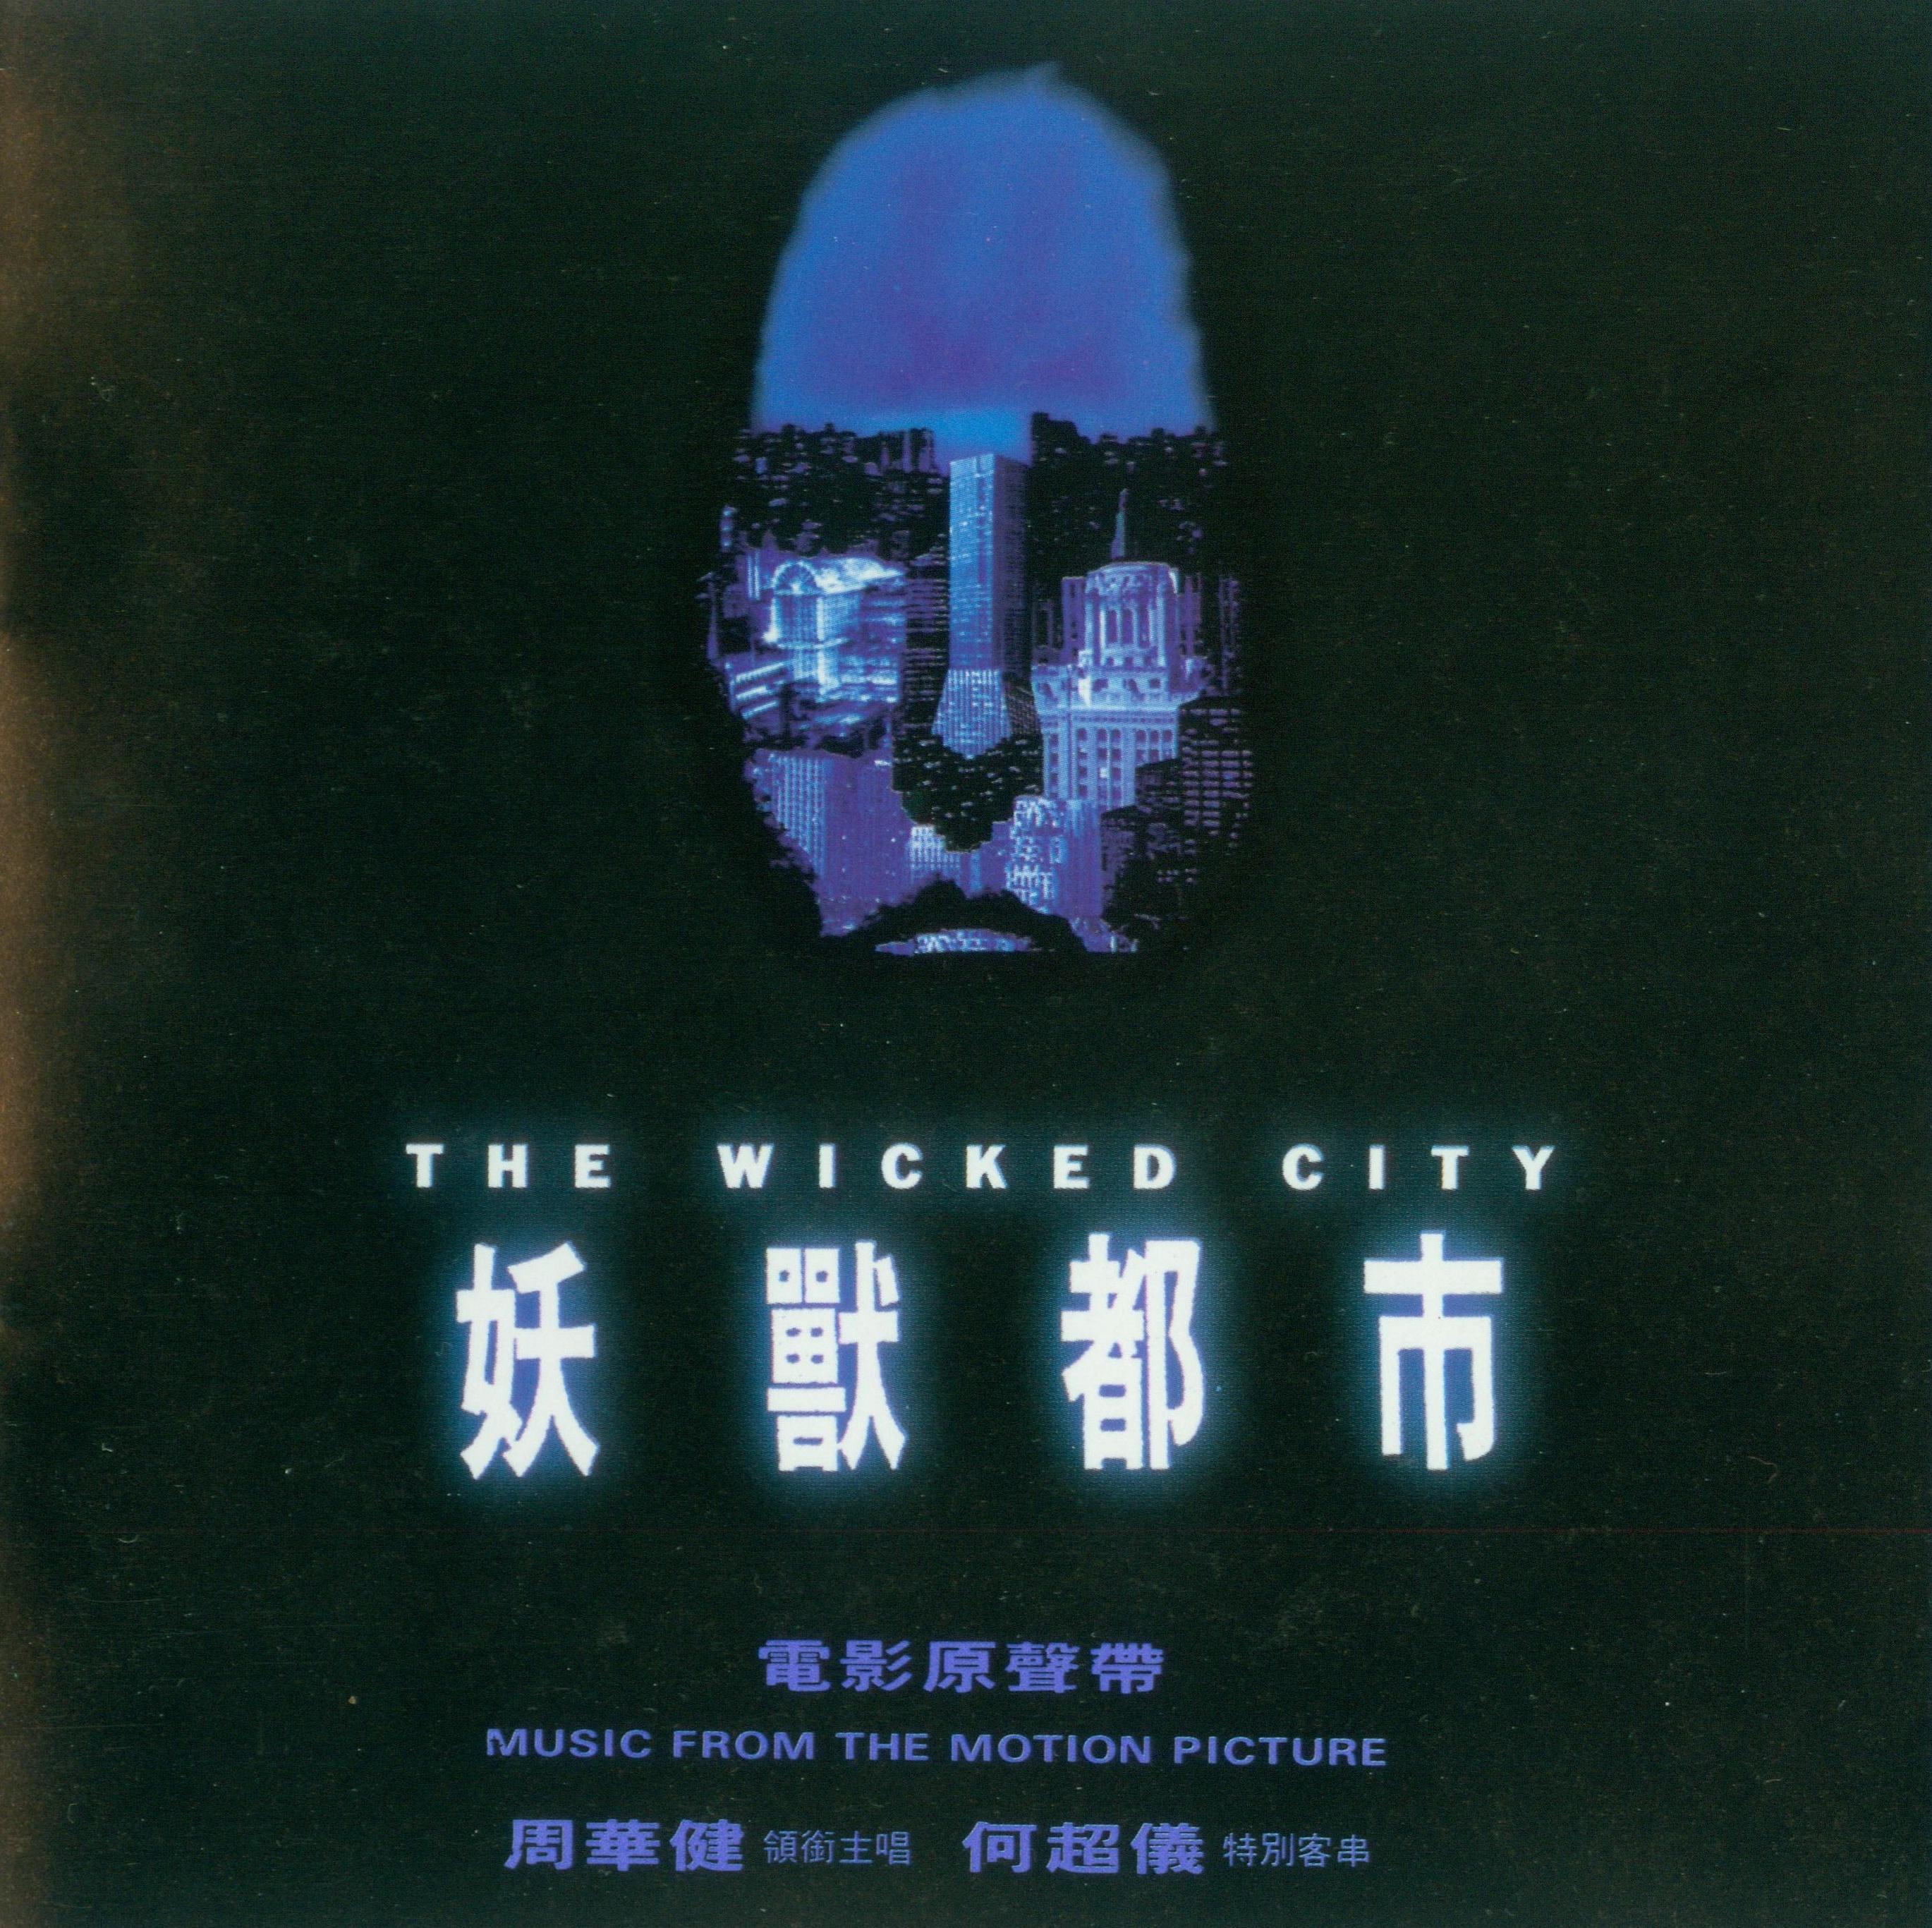 周华健 The Wicked City 妖兽都市